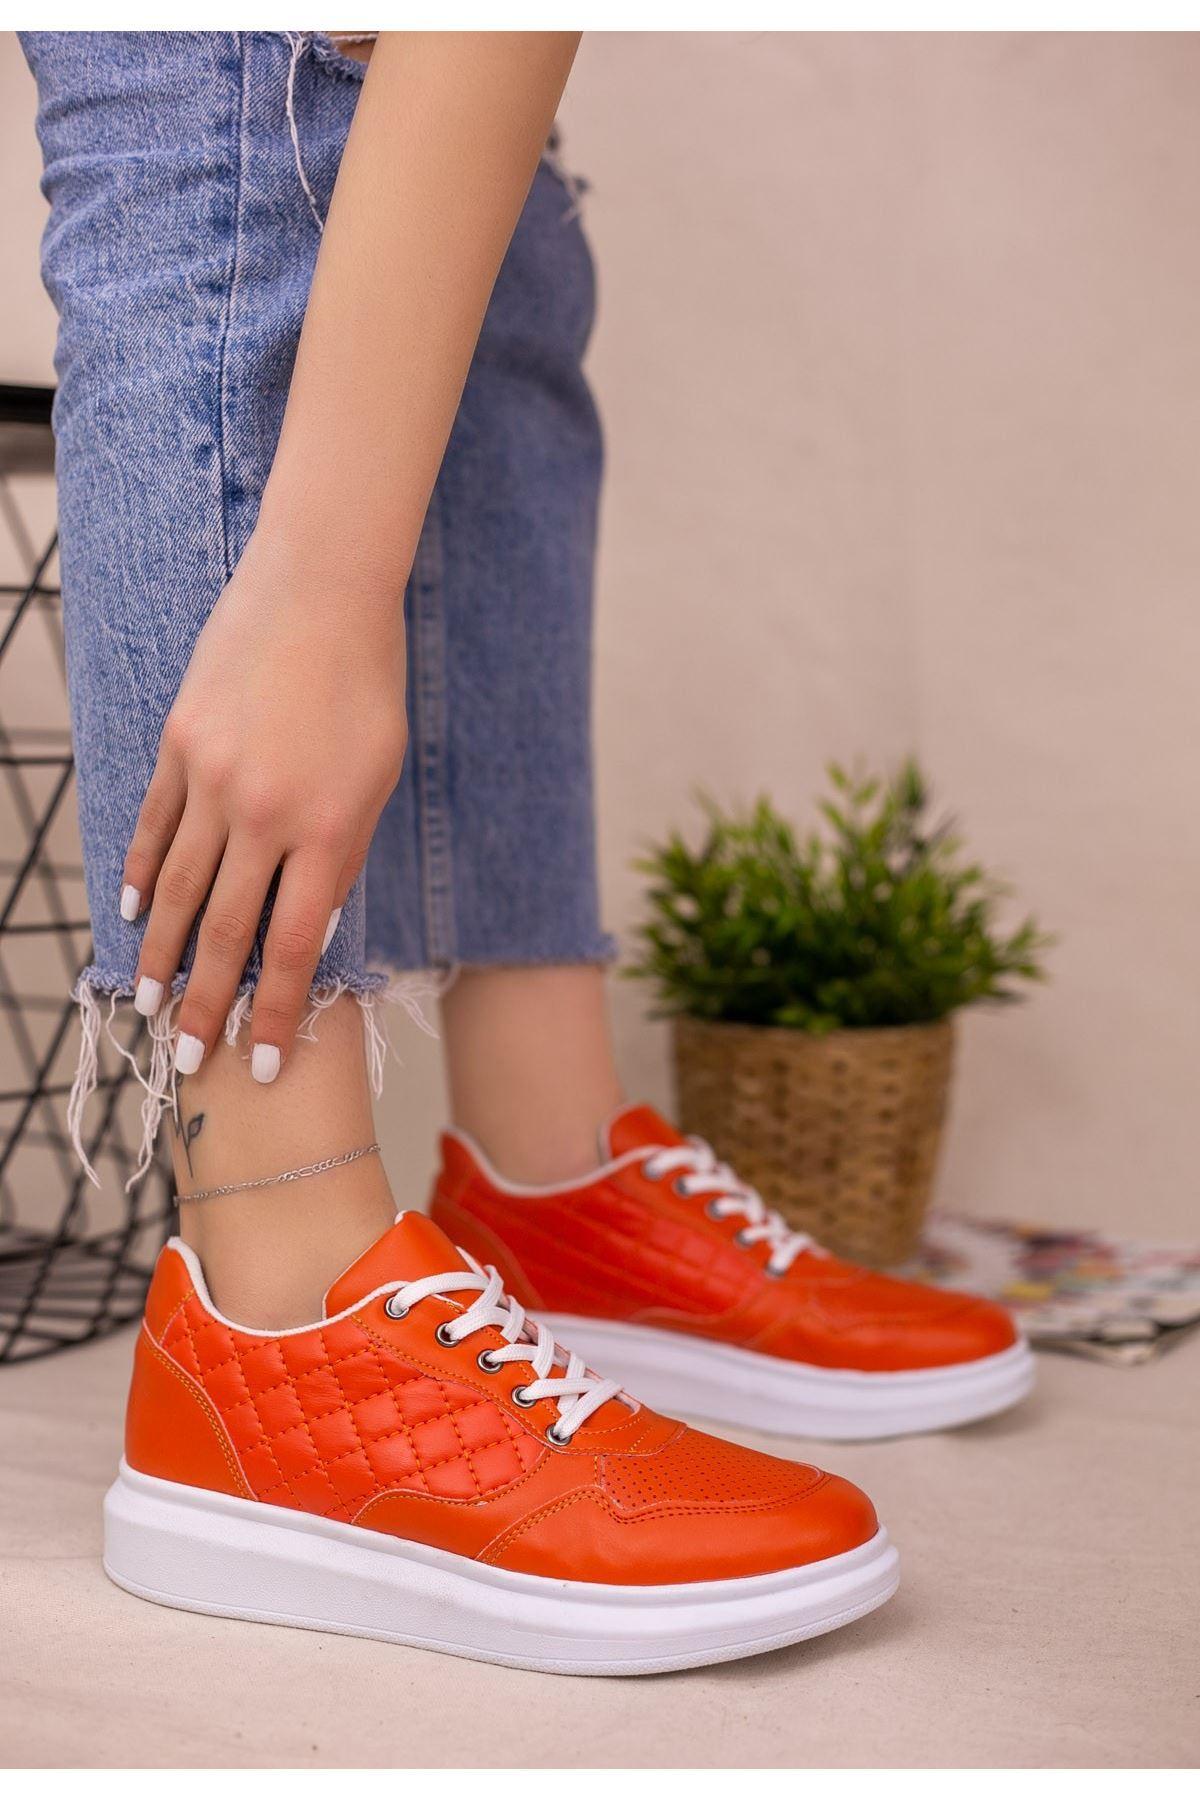 Lari Turuncu Cilt Bağcıklı Spor Ayakkabı